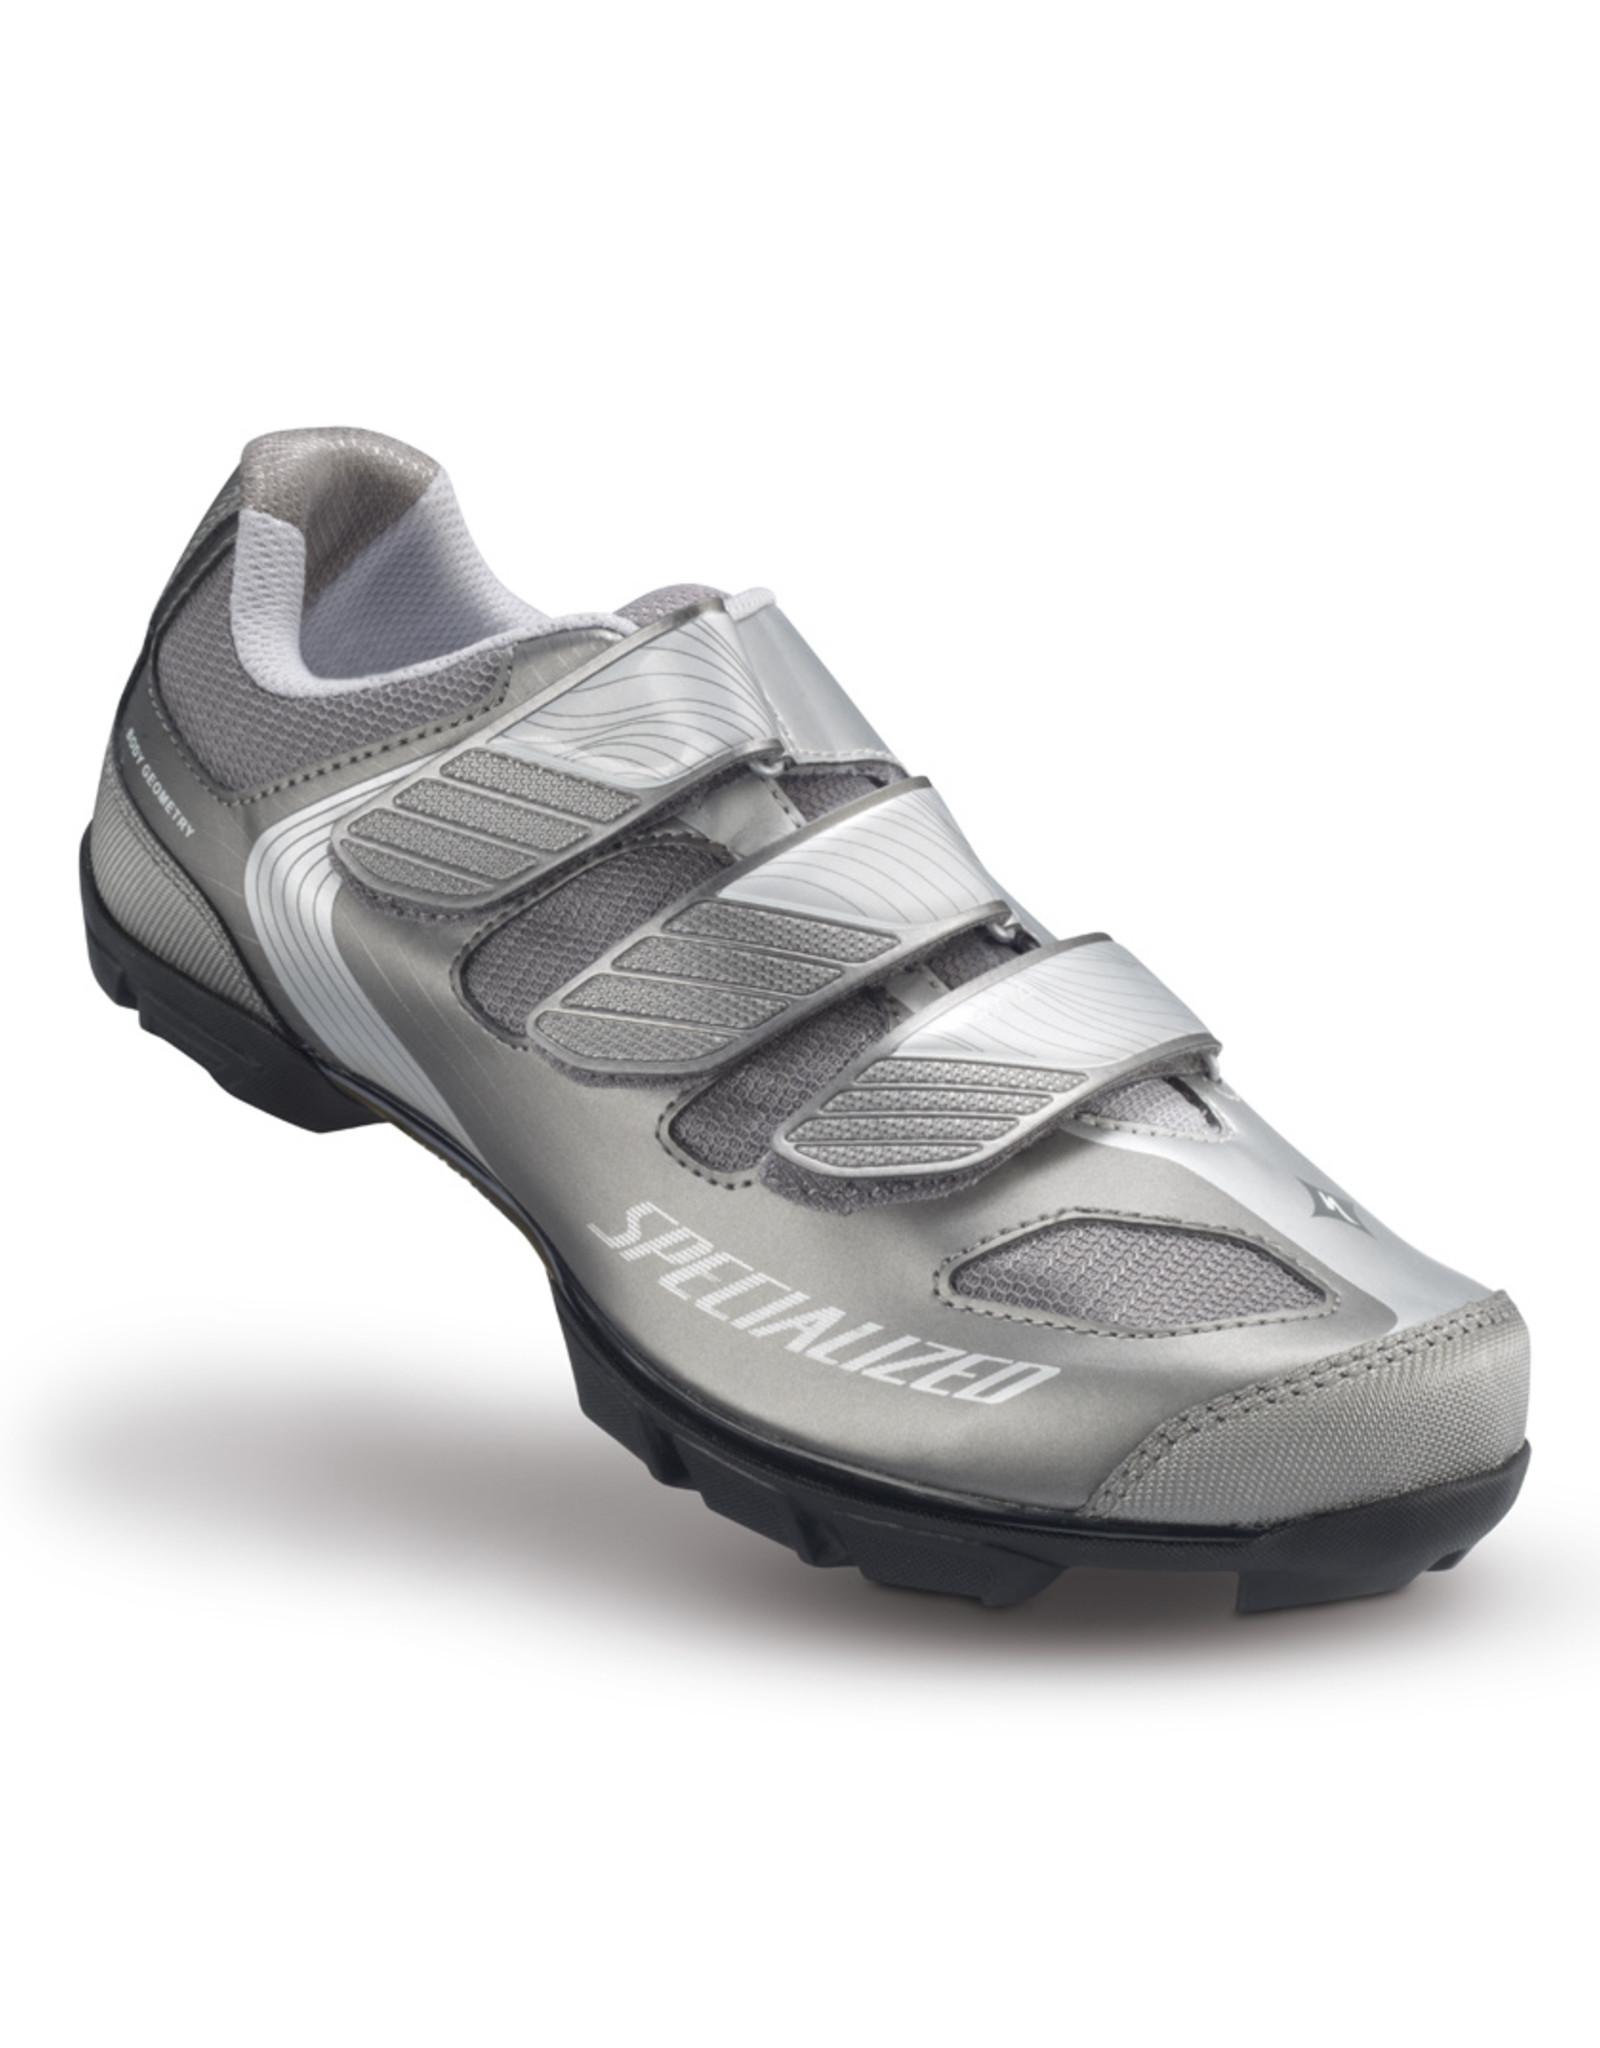 Specialized Specialized Riata MTB Shoe WMN 6.5 (37 EU)